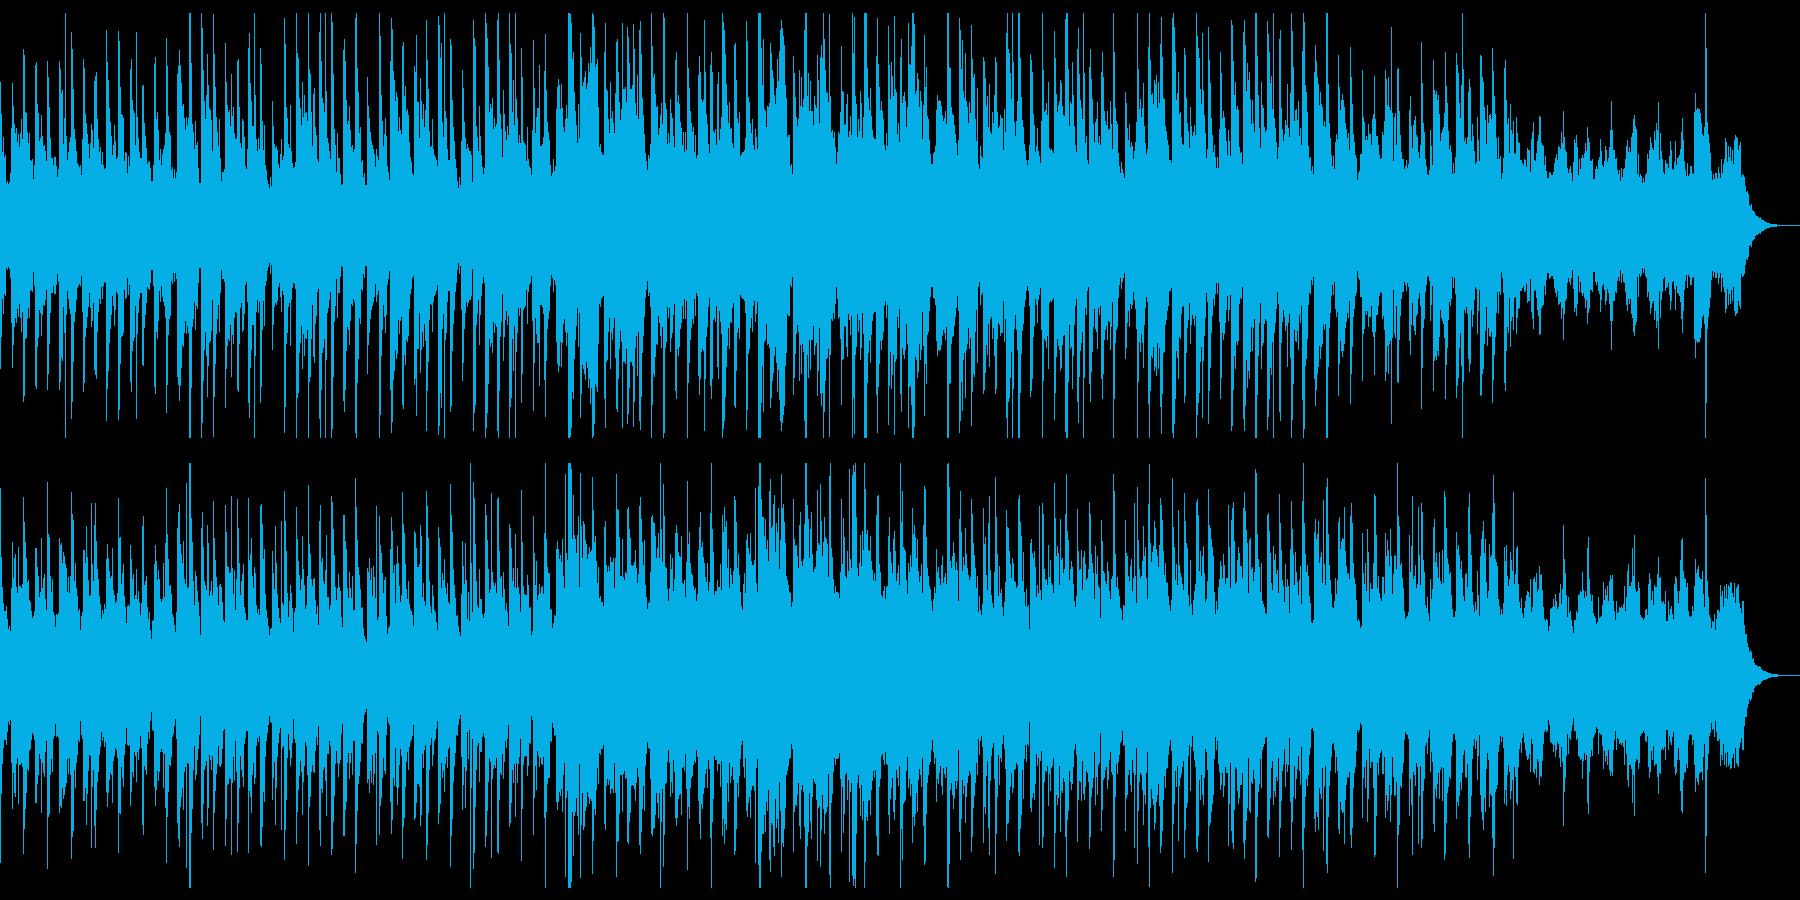 和風で穏やかなチルアウトミュージック。の再生済みの波形